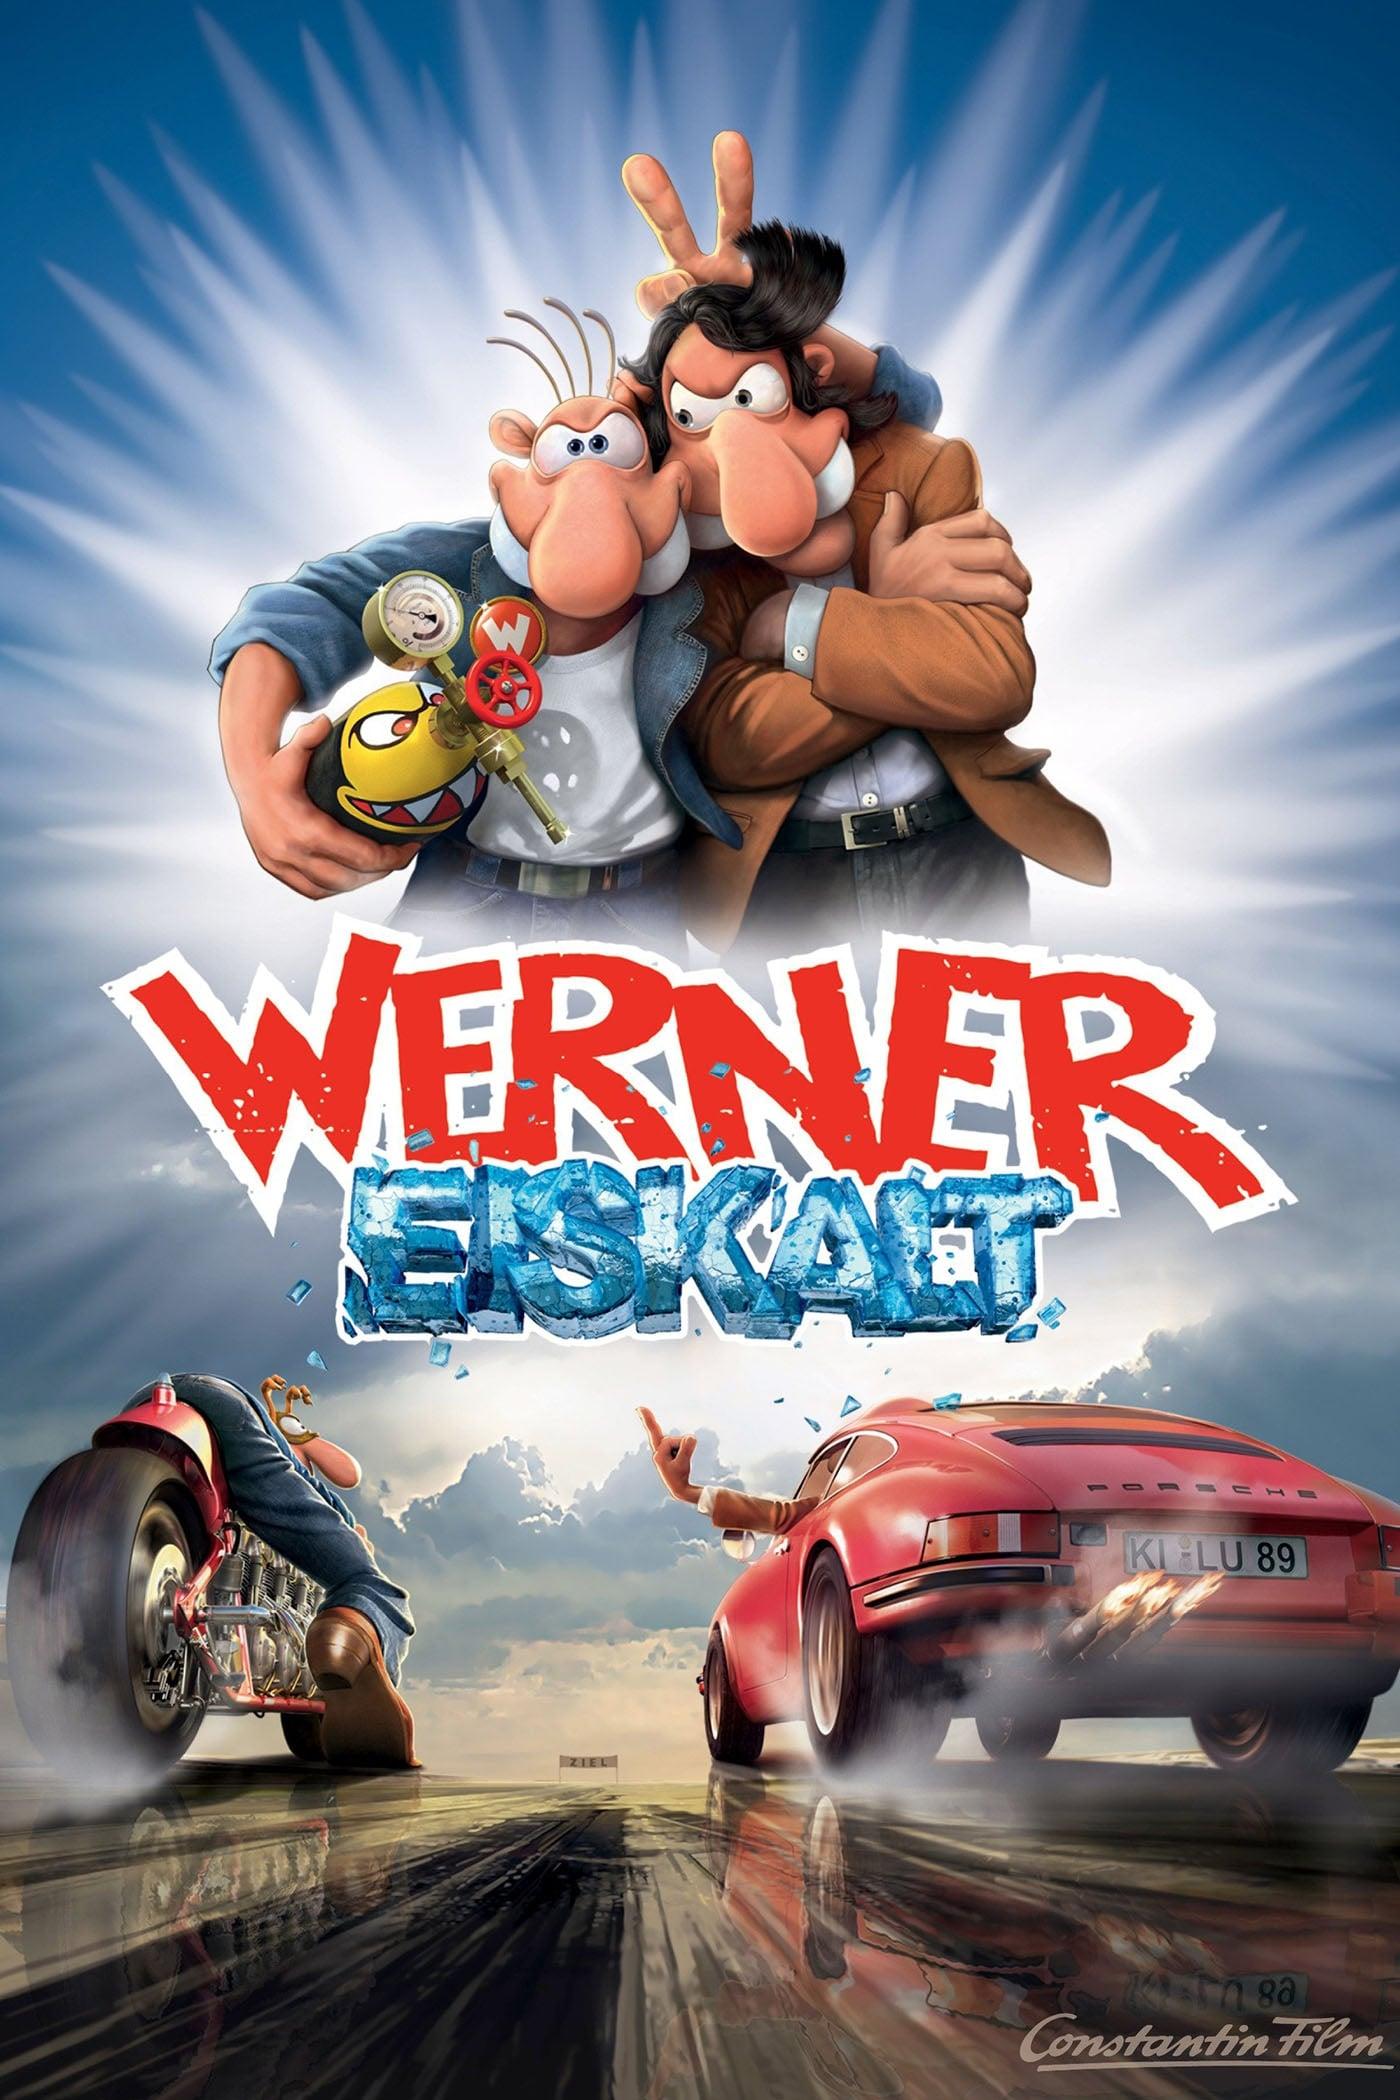 Werner Eiskalt Ganzer Film